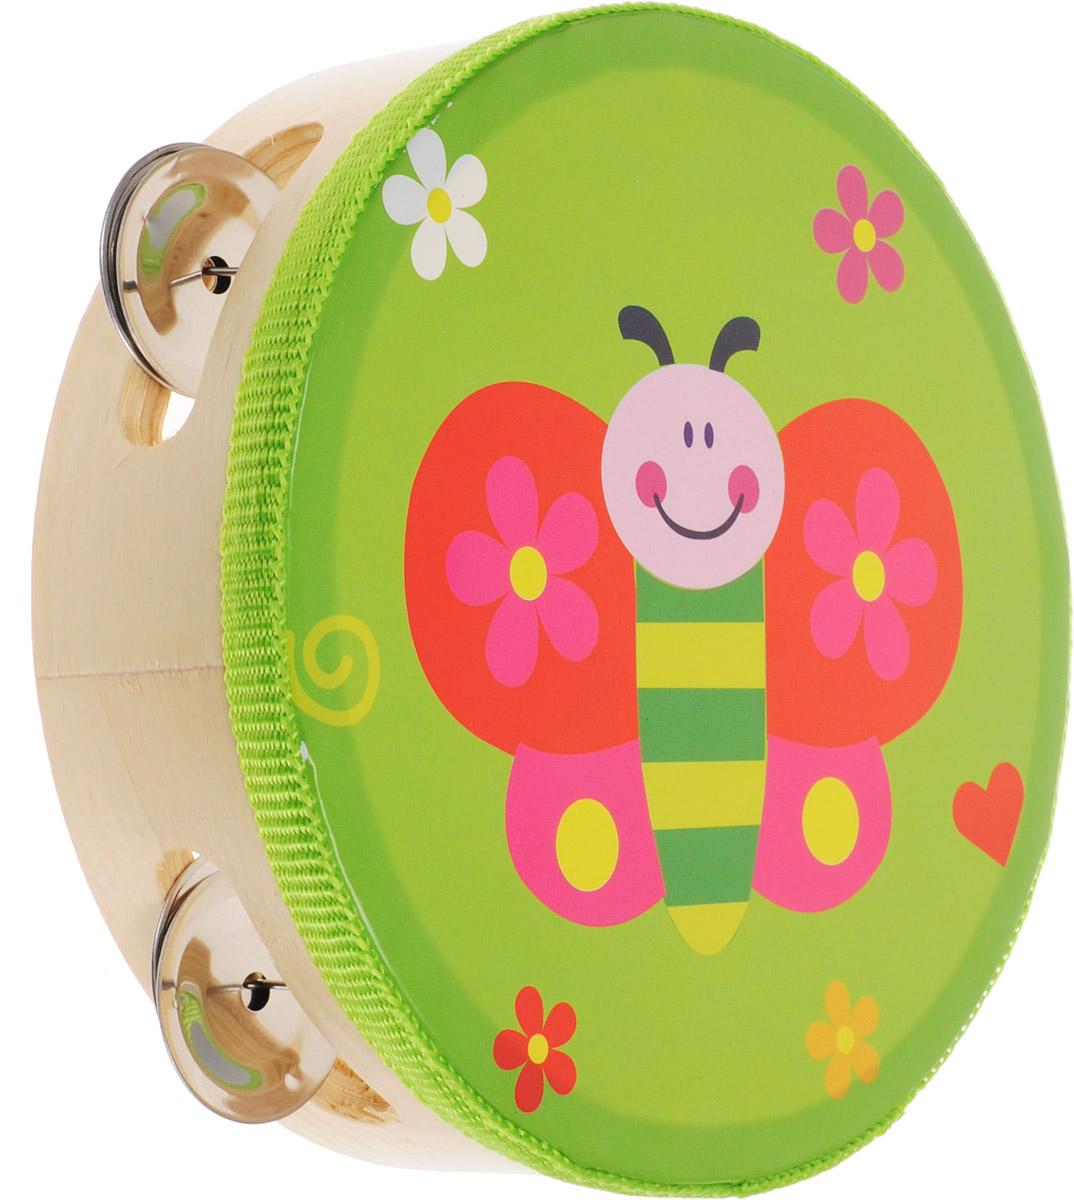 Мир деревянных игрушек Бубен БабочкаД212/бабочкаБубен Мир деревянных игрушек Цыпленок состоит из деревянного корпуса с ярким рисунком в виде симпатичной бабочки и железных дисков, звенящих при ударе и движении инструмента. Бубен издает приятный громкий звон, который непременно понравится ребенку. С помощью этого инструмента вы сможете устроить веселый концерт и порадовать своих родных и друзей. Бубен поможет вашему ребенку развить чувство ритма, а также привить малышу любовь к музыке.